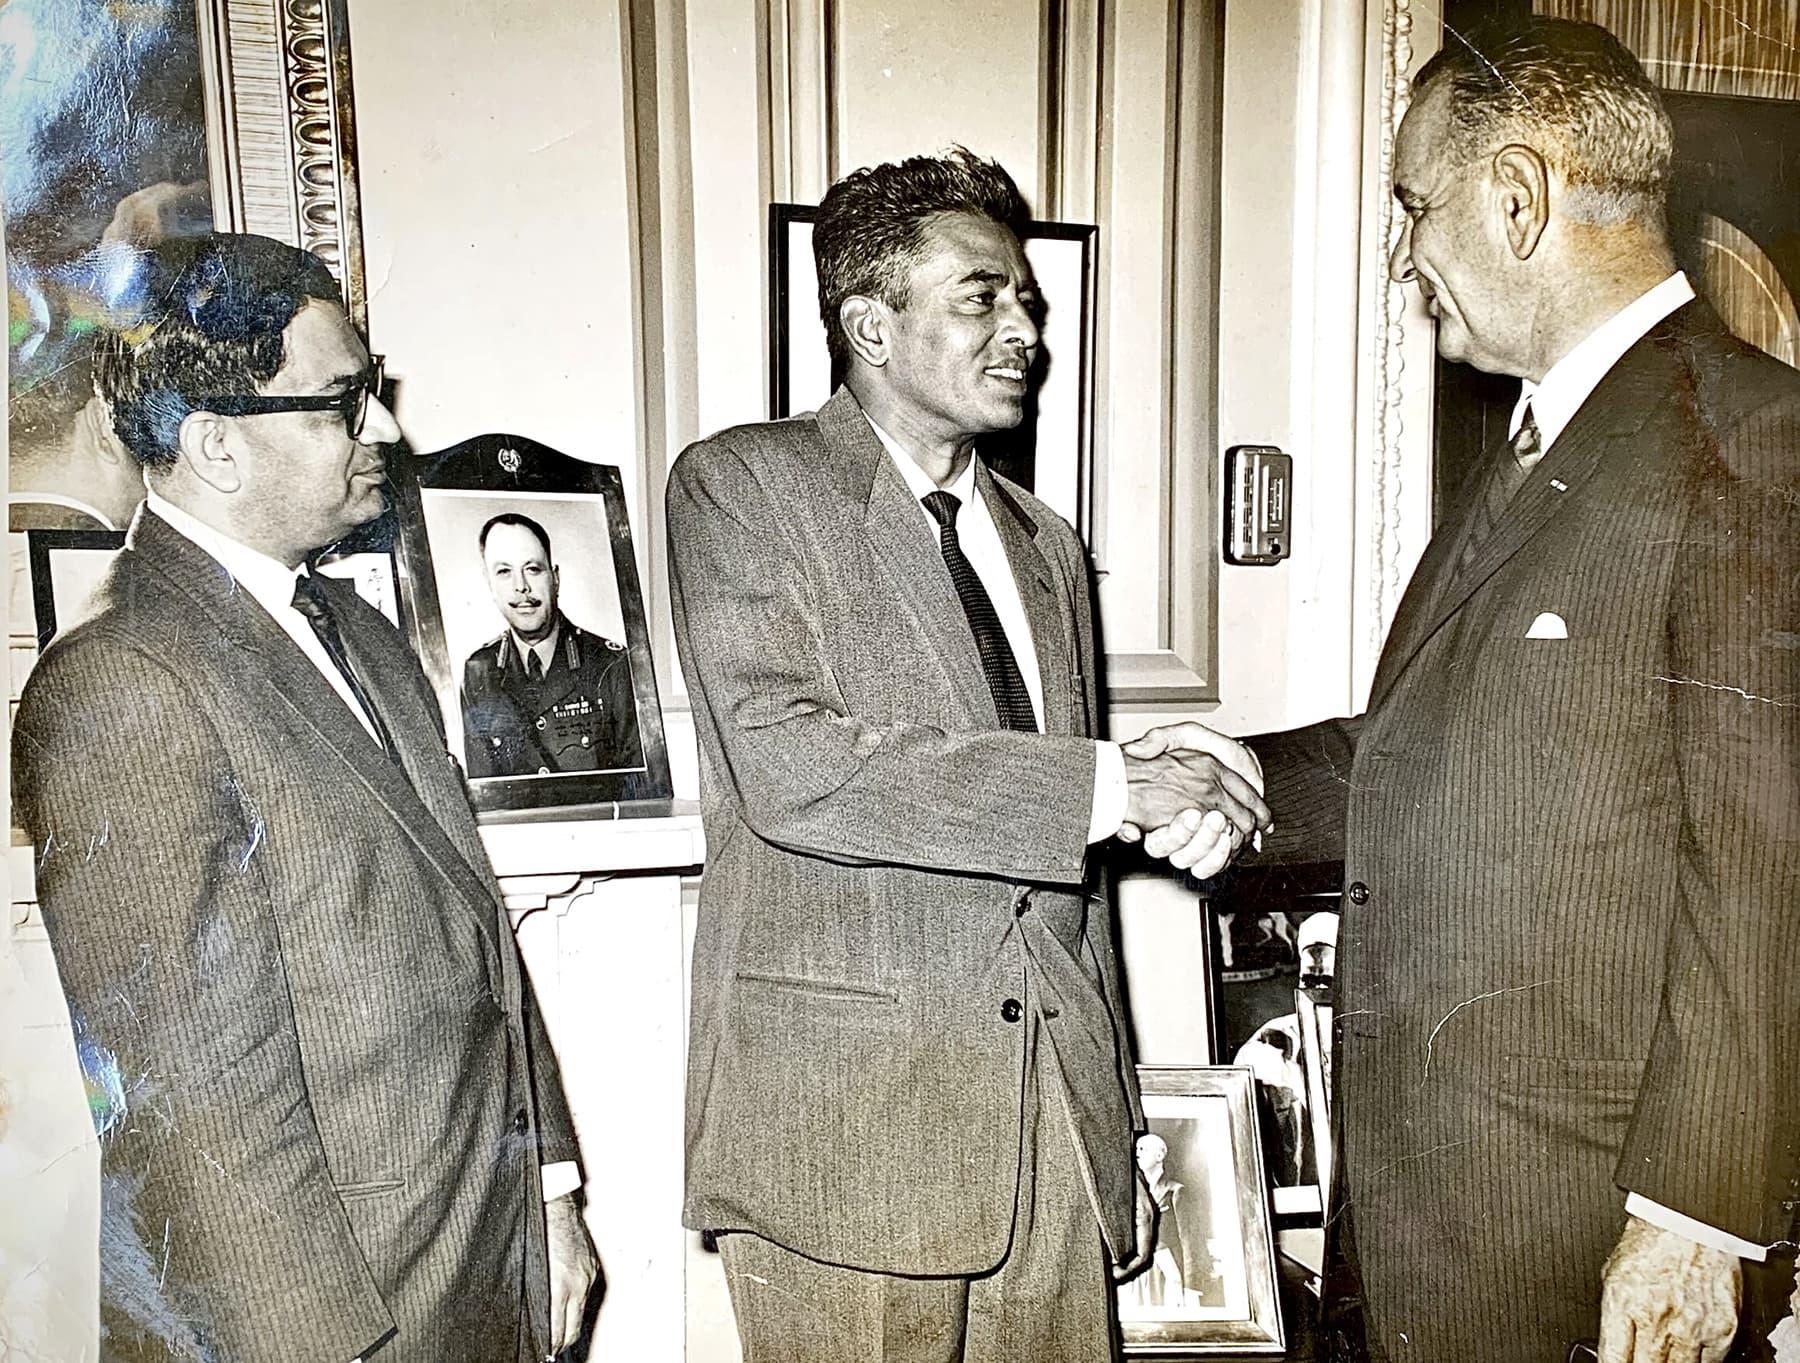 19 دسمبر 1961ء واشنگٹن میں سابق امریکی نائب صدر لِنڈن بی جانسن اپنے مدعو مہمان ابراہیم جلیس کا استقبال کر رہے ہیں۔ تصویر میں پاکستان سفارت خانے کے پریس اتاشی اقبال بٹ بھی دیکھے جاسکتے ہیں— تصویر بشکریہ زاہد حسین